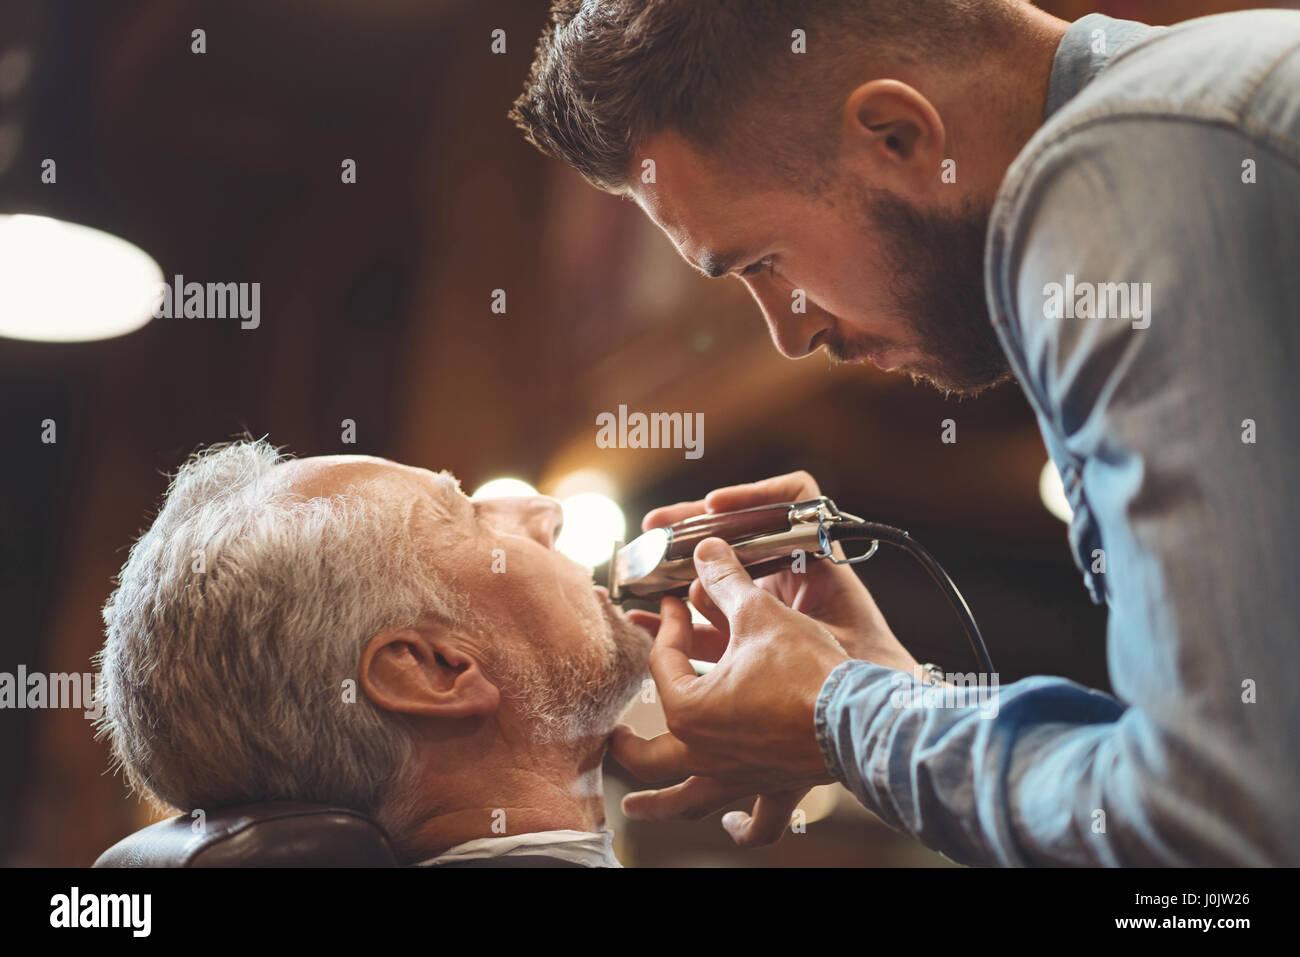 Emotionslos Friseur schneiden Bart des alten Clients im Frisörsalon Stockbild